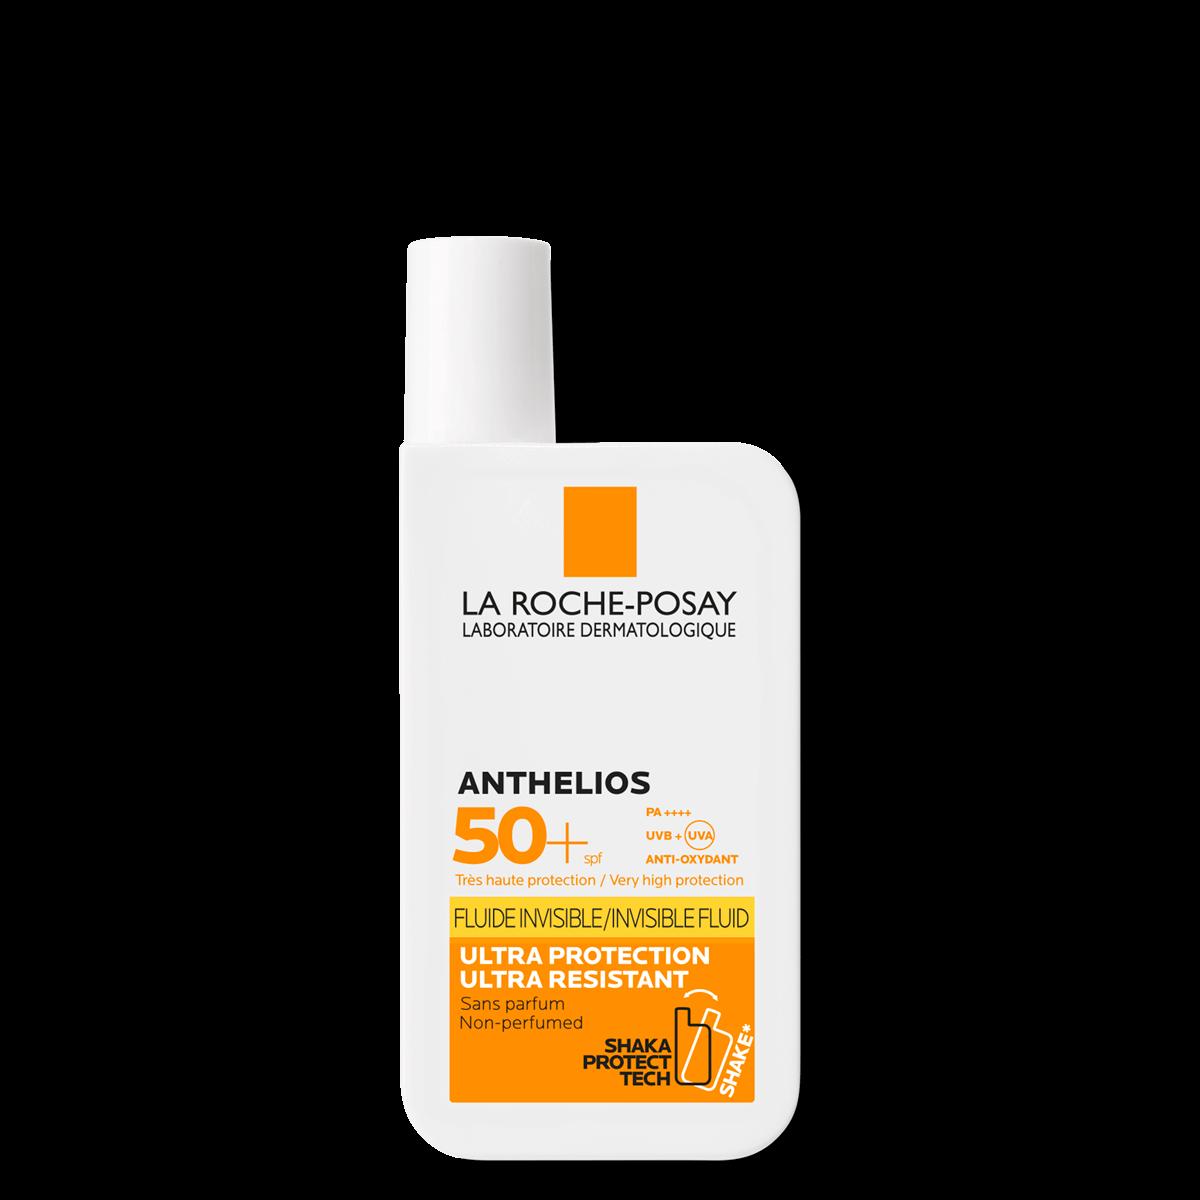 LaRochePosay-Produkt-Sol-Anthelios-InvisibleFluidSpf50-50ml - uten parfyme-30162662-FWS